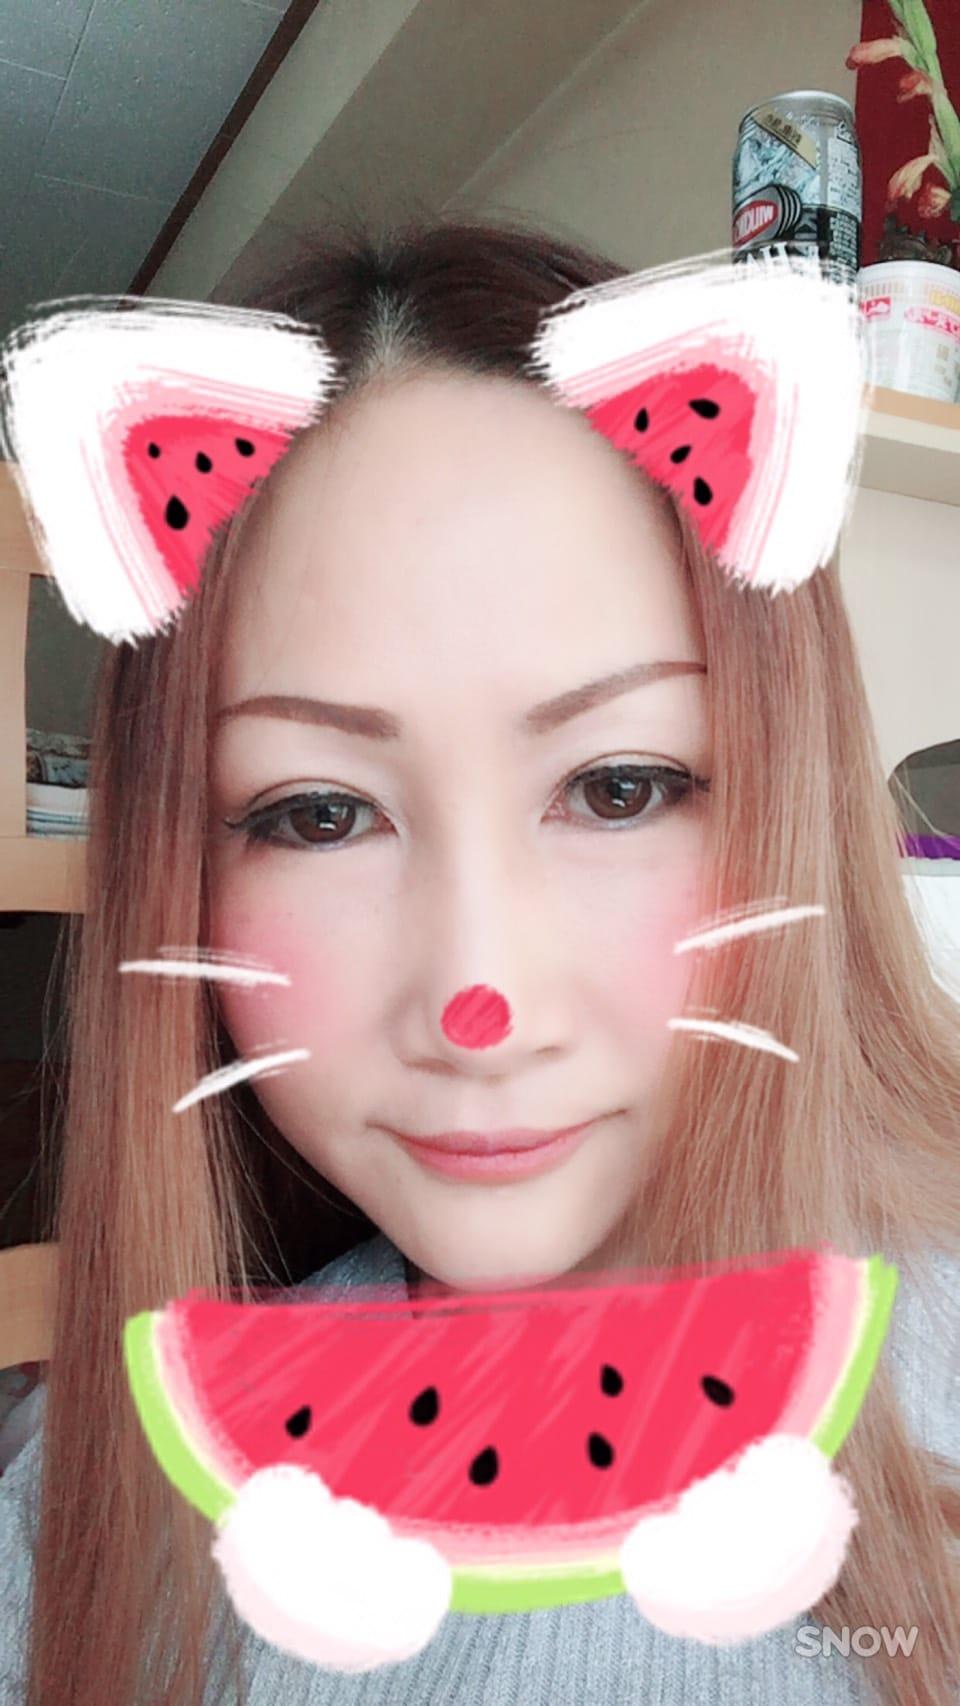 「おはよん♪」08/09(木) 11:22 | ユイの写メ・風俗動画